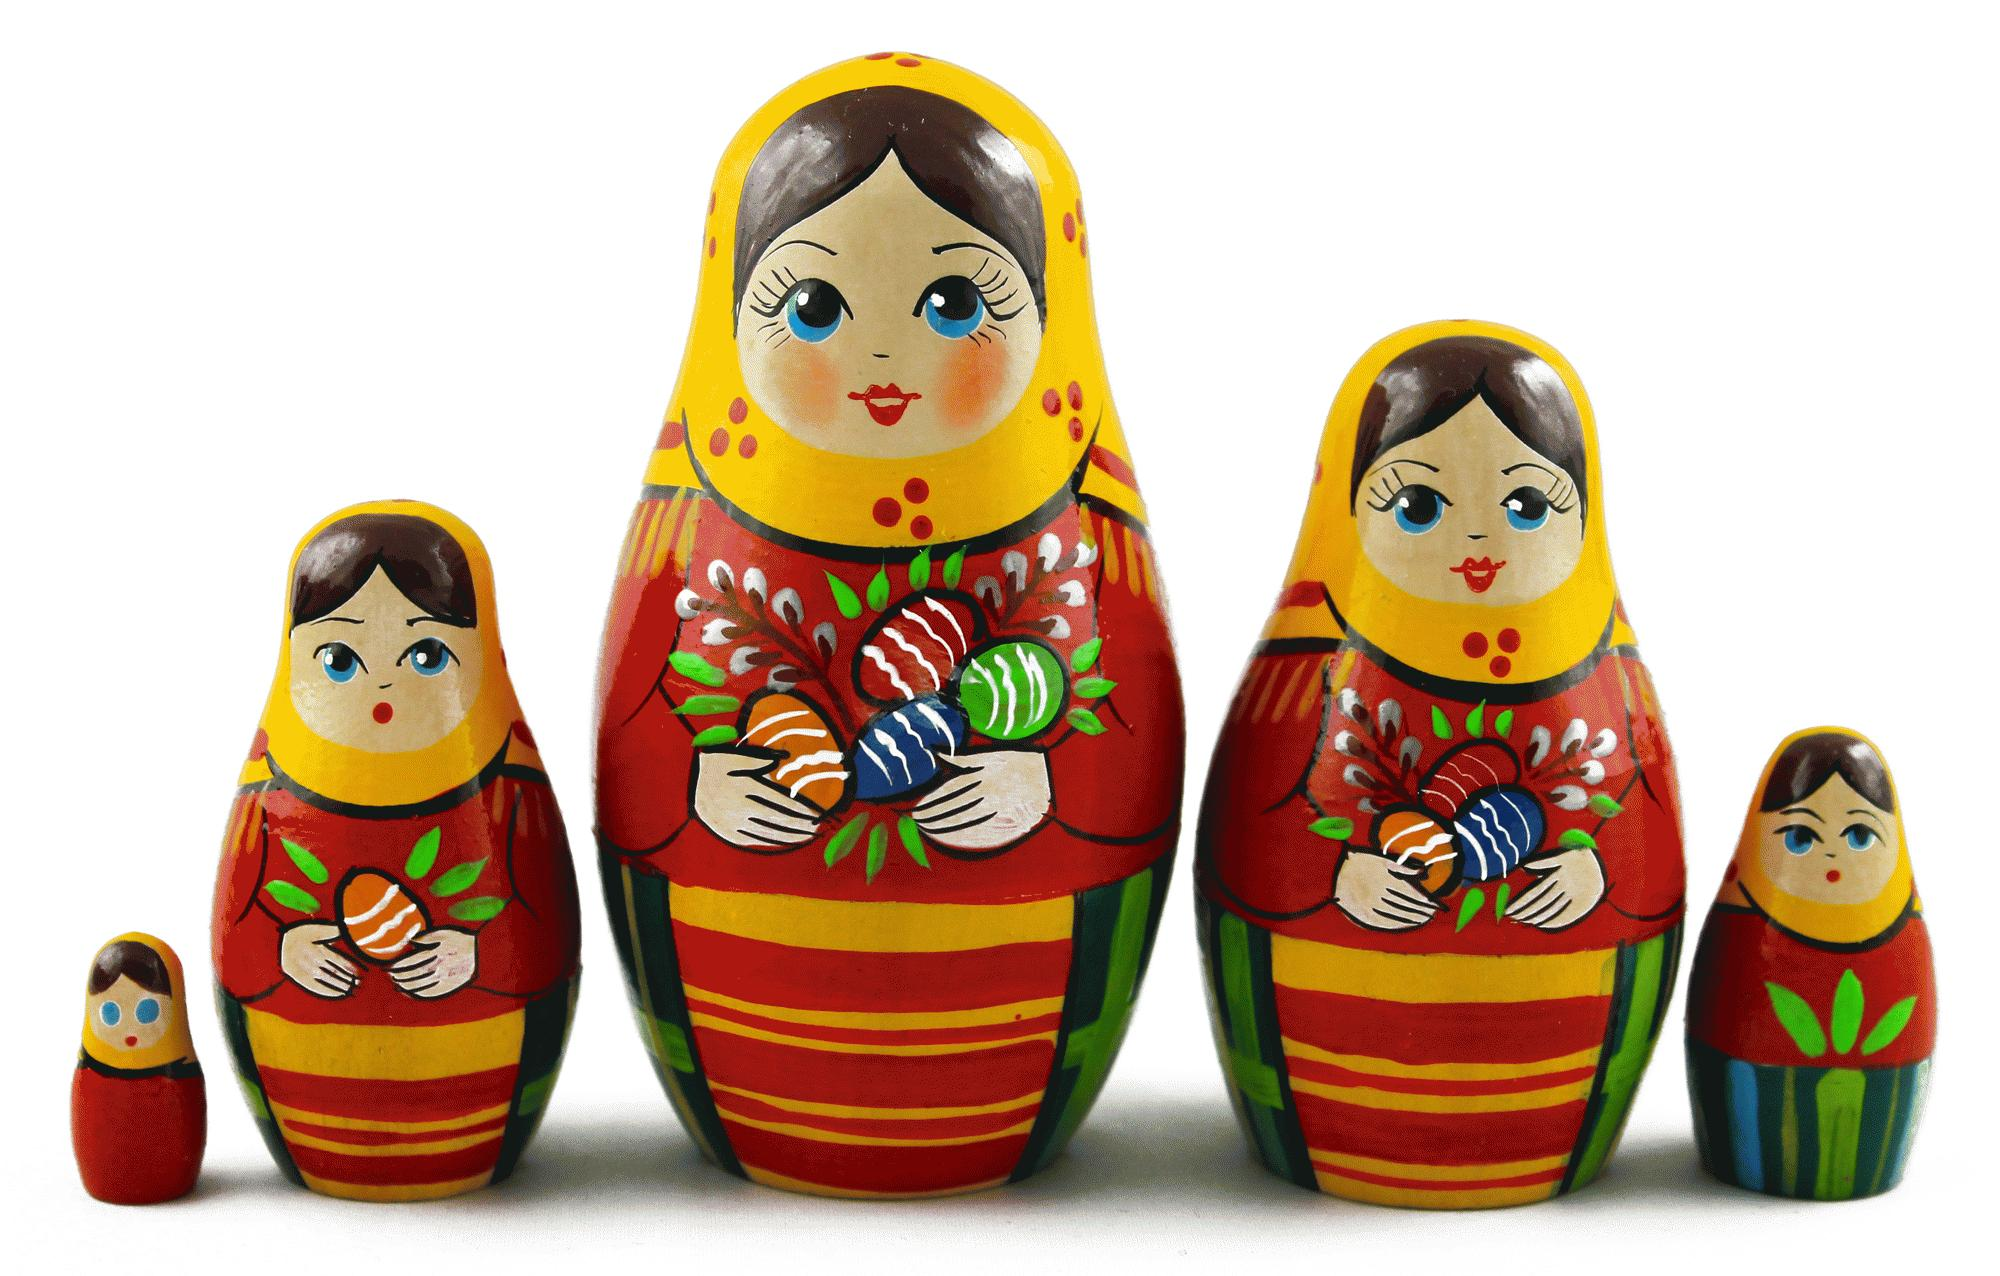 здесь можно русские матрешки картинки по отдельности должном усердии изобретательности